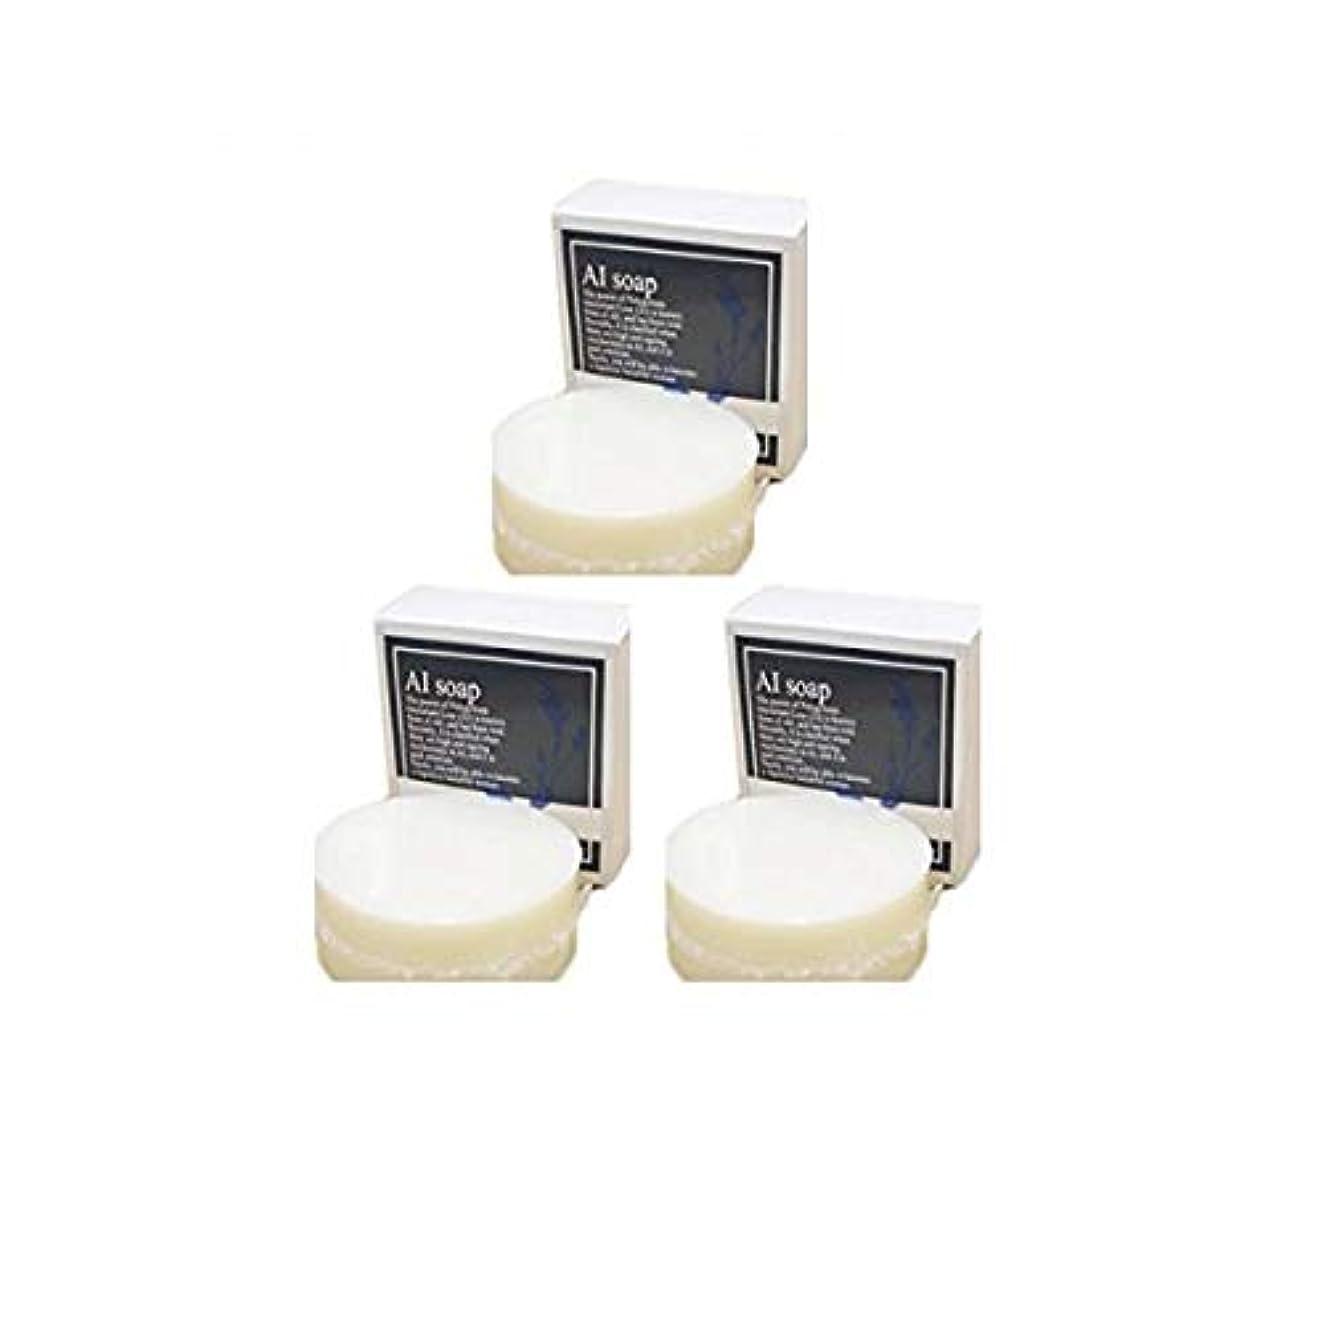 付けるリスキーな系統的AI soap 藍石鹸 3個セット(100g×3個)藍エキス配合の無添加石鹸